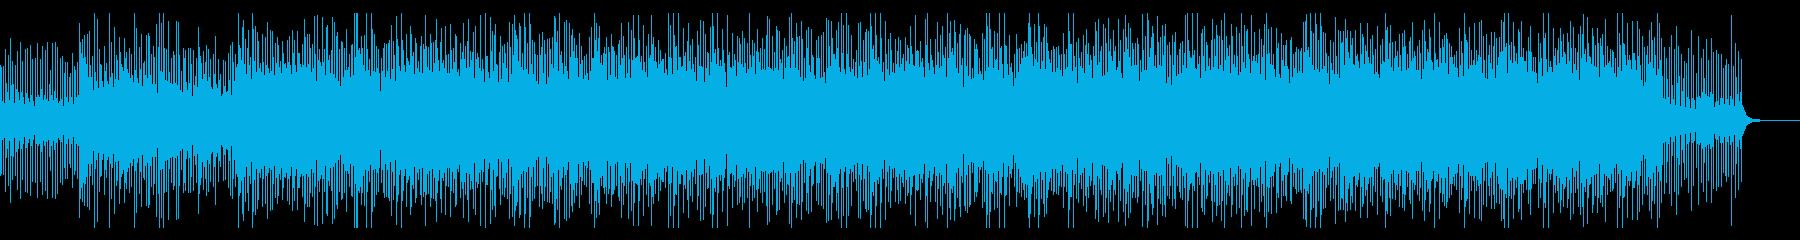 企業VP会社紹介爽やか生音系ギターピアノの再生済みの波形